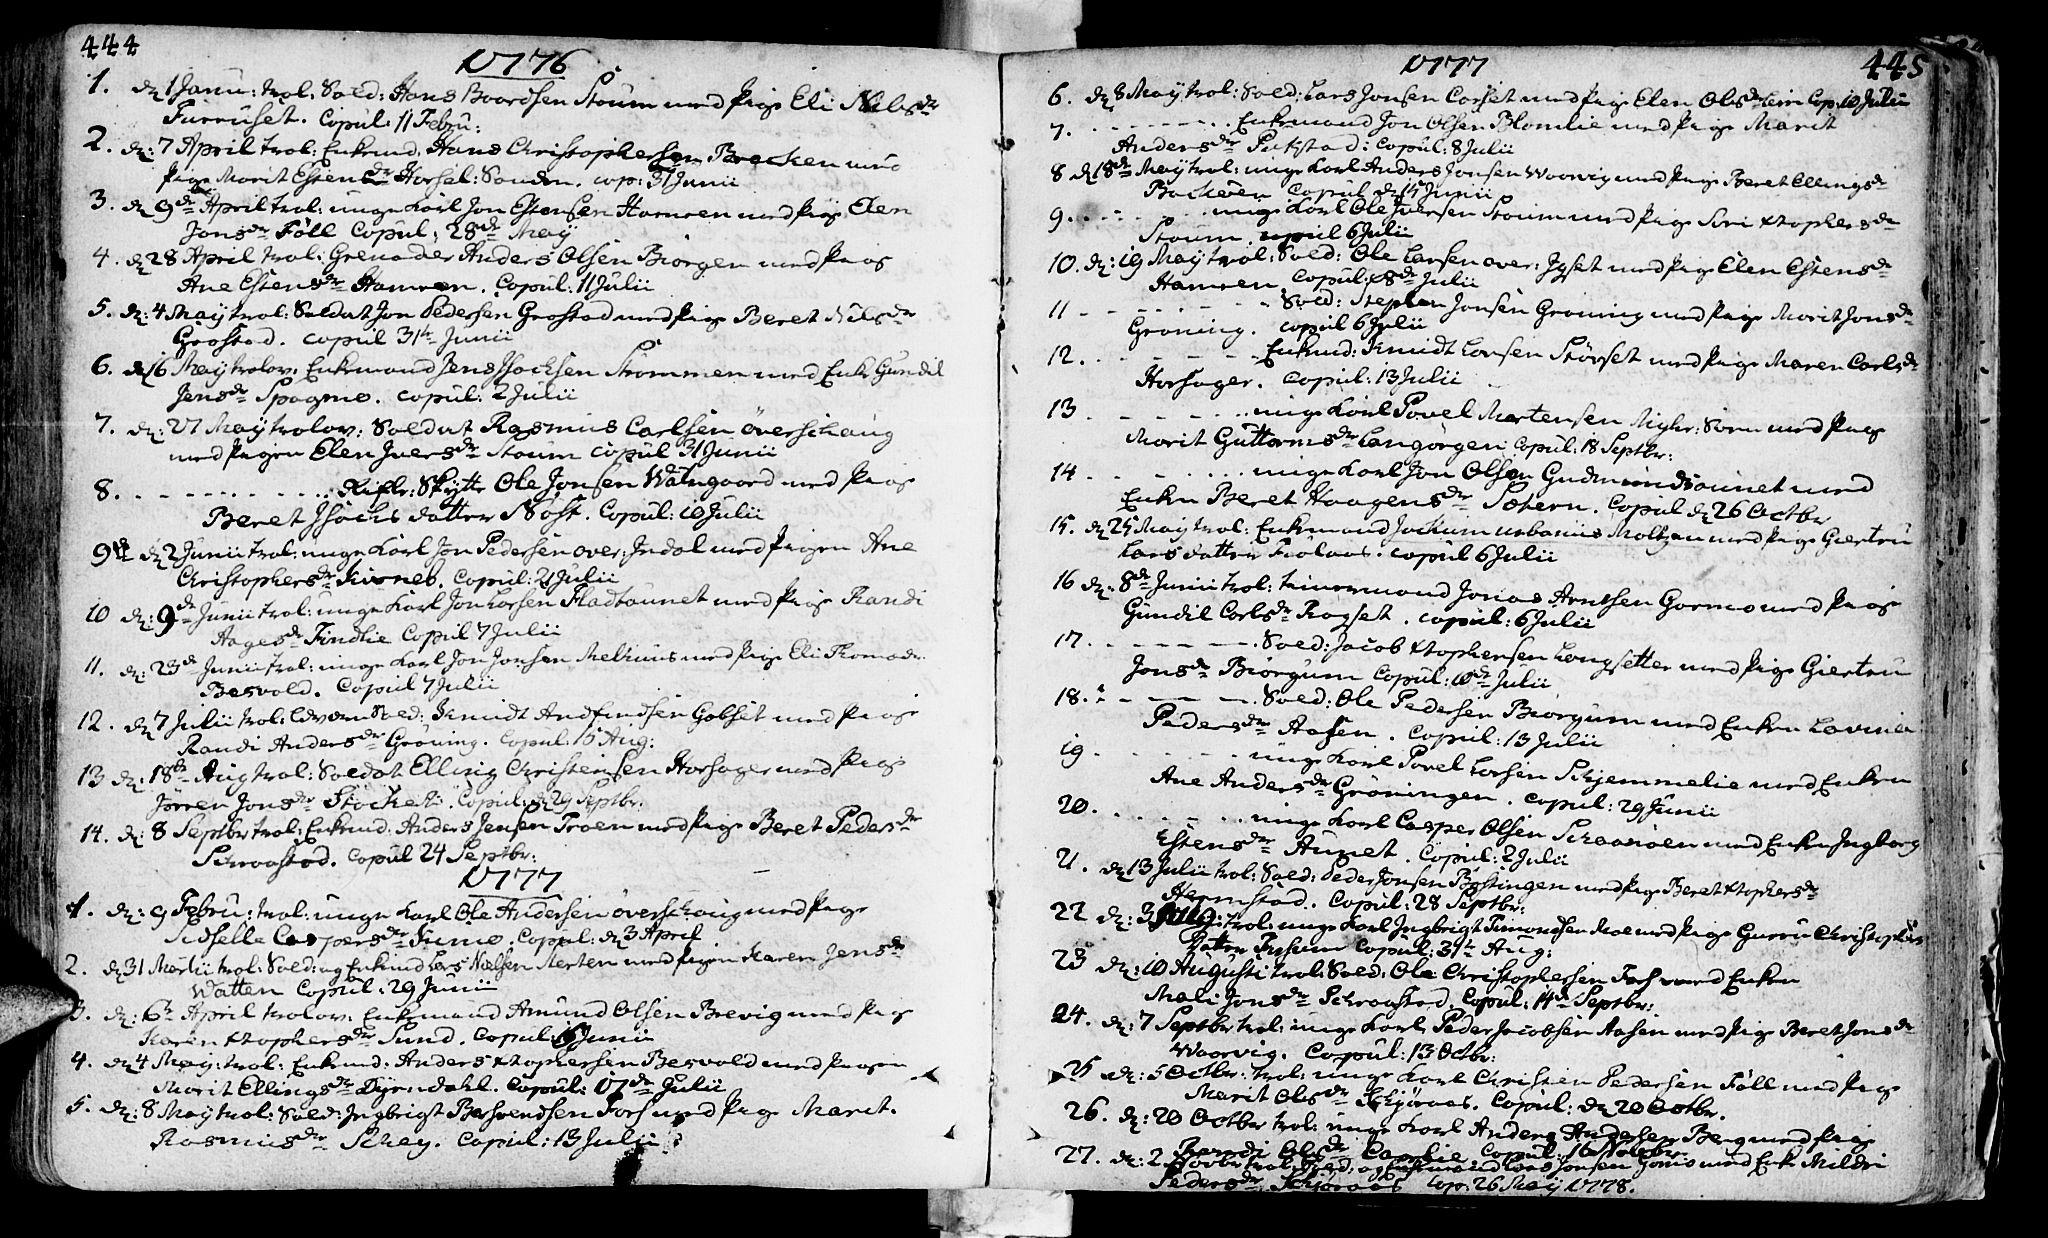 SAT, Ministerialprotokoller, klokkerbøker og fødselsregistre - Sør-Trøndelag, 646/L0605: Ministerialbok nr. 646A03, 1751-1790, s. 444-445